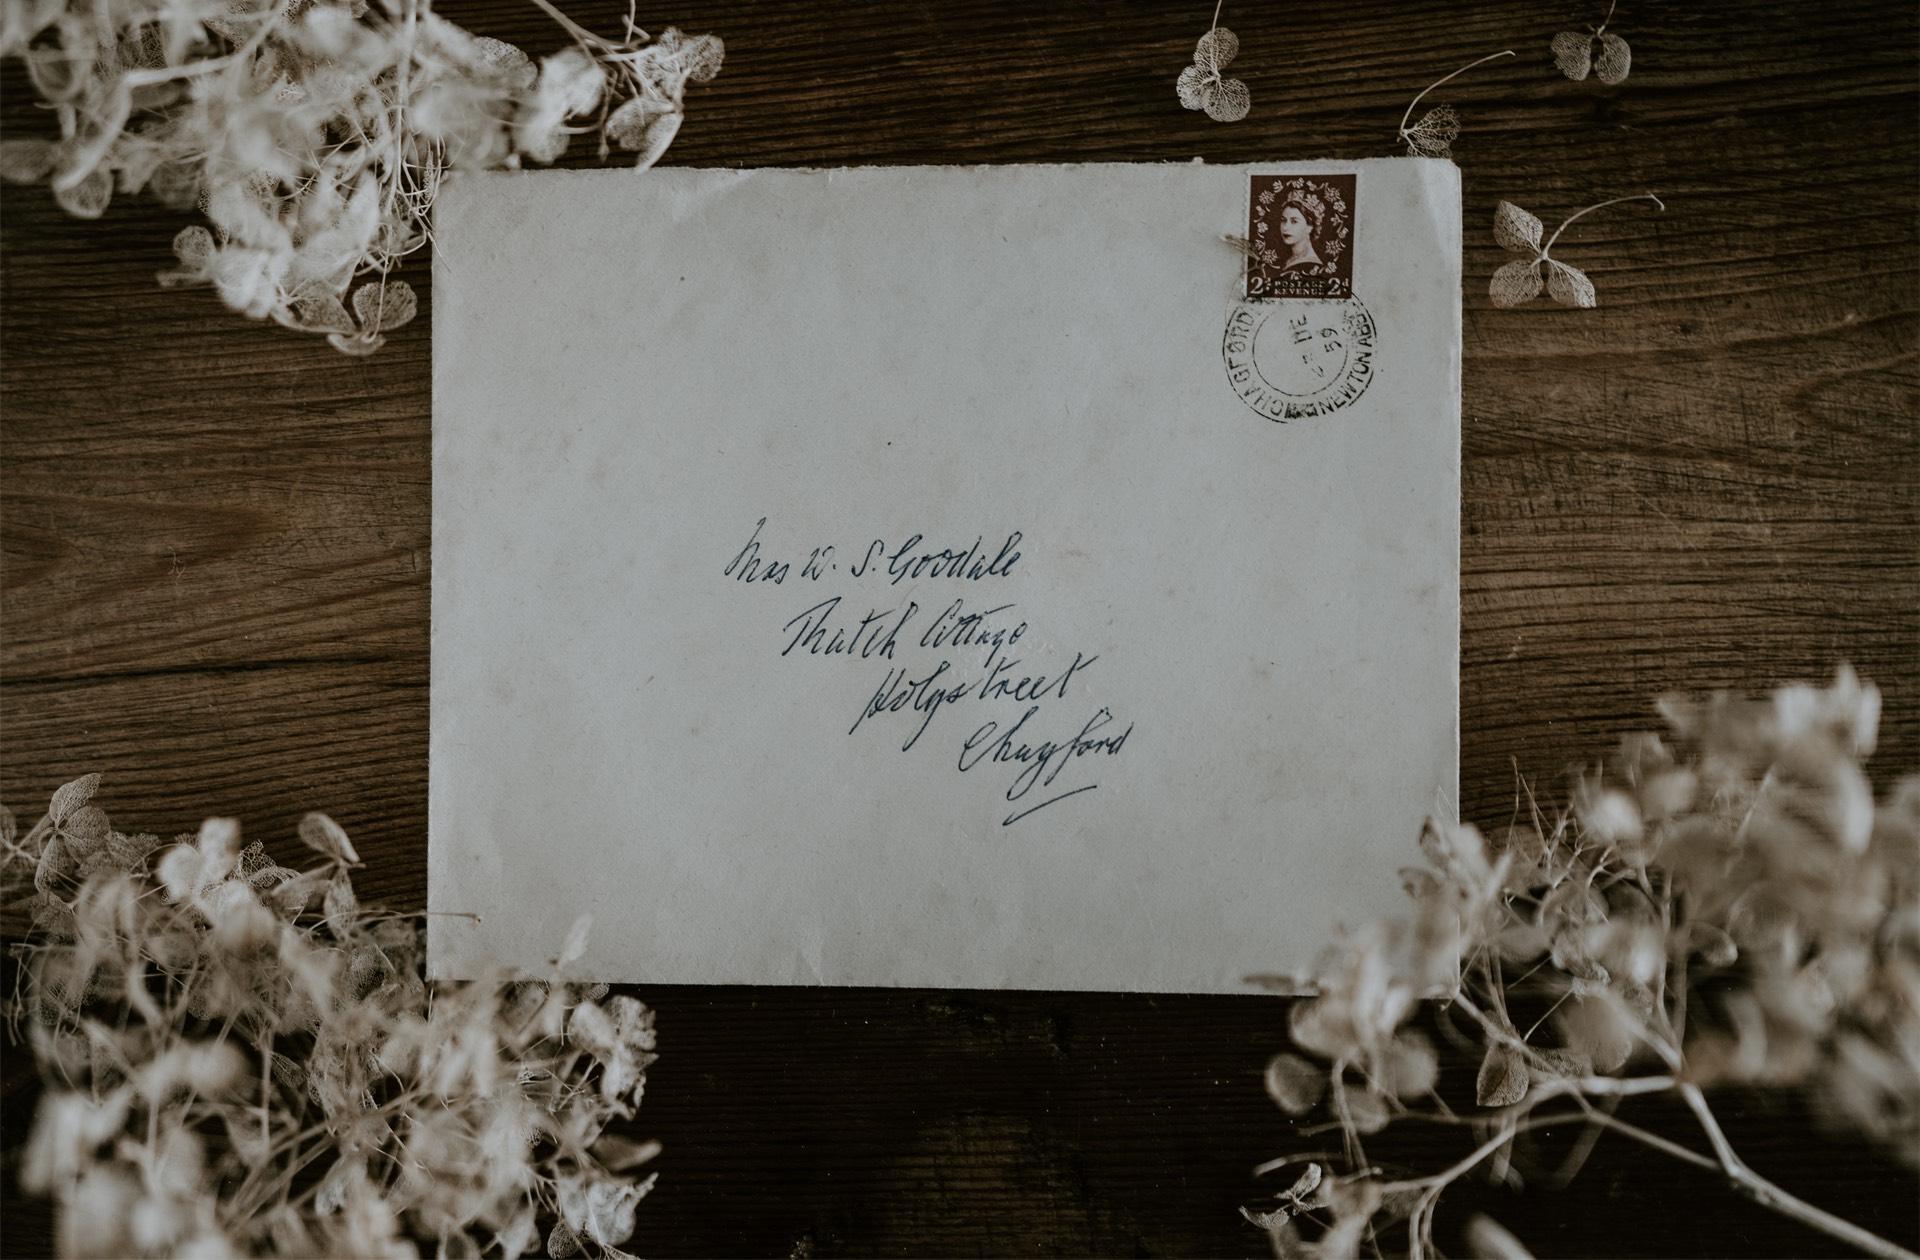 Lisez «Lettre à l'enfant », le texte gagnant de l'atelier d'écriture «Autrices » #4